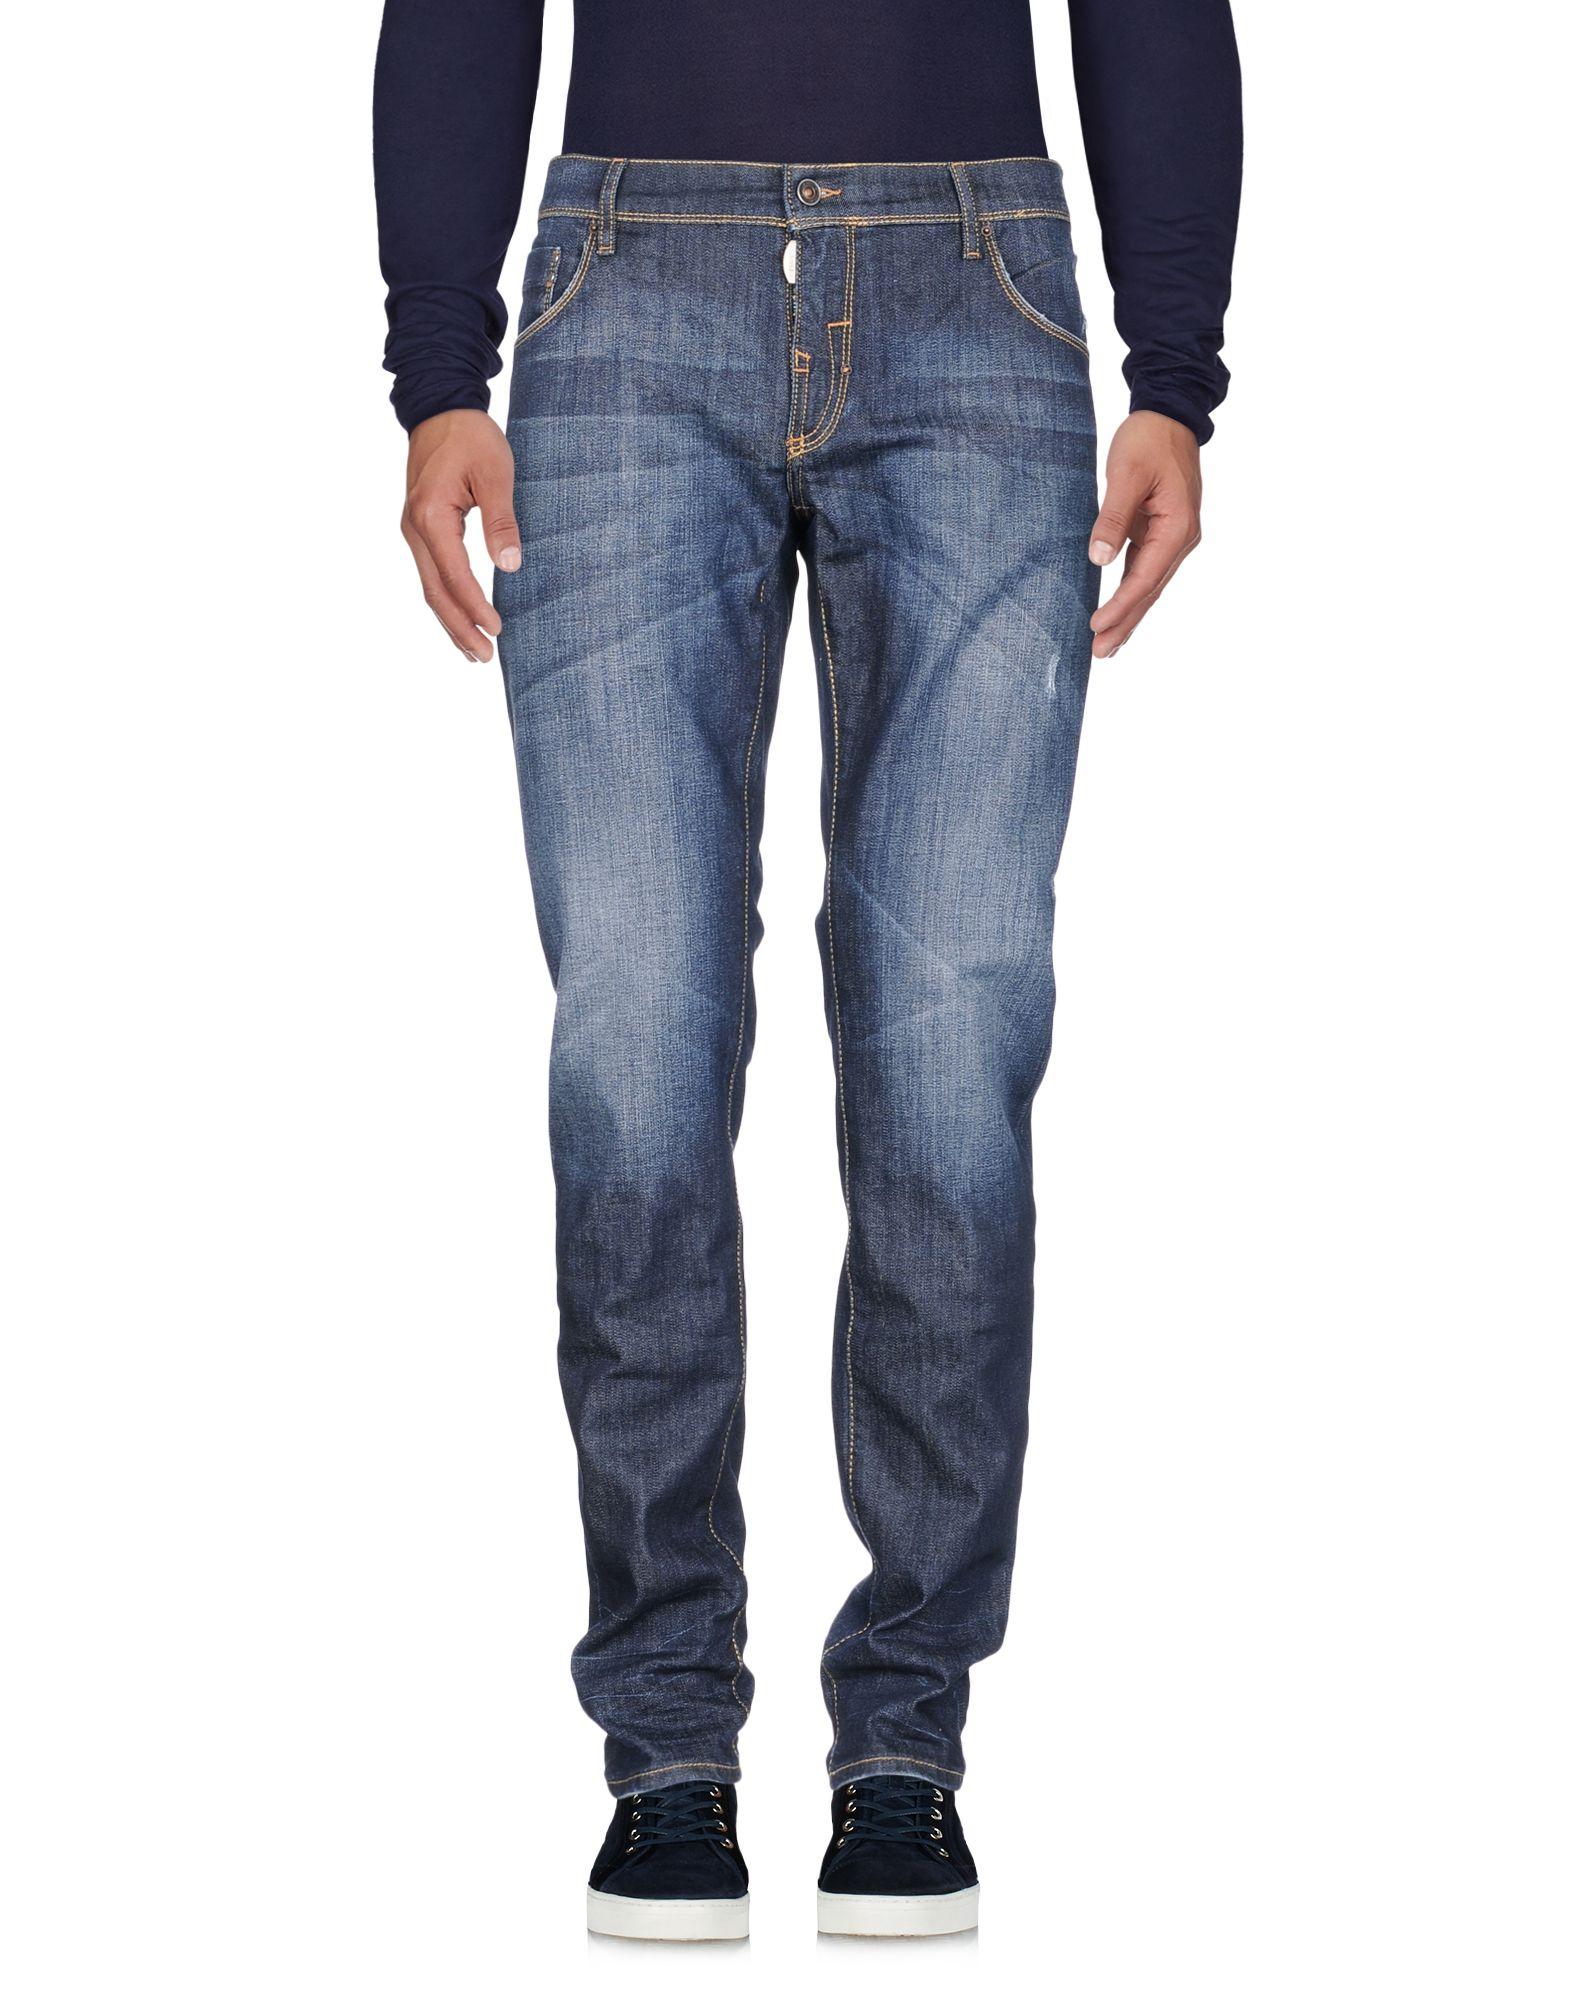 Pantaloni Jeans Antony Antony Antony Morato Uomo - 42679885ED 89a17e